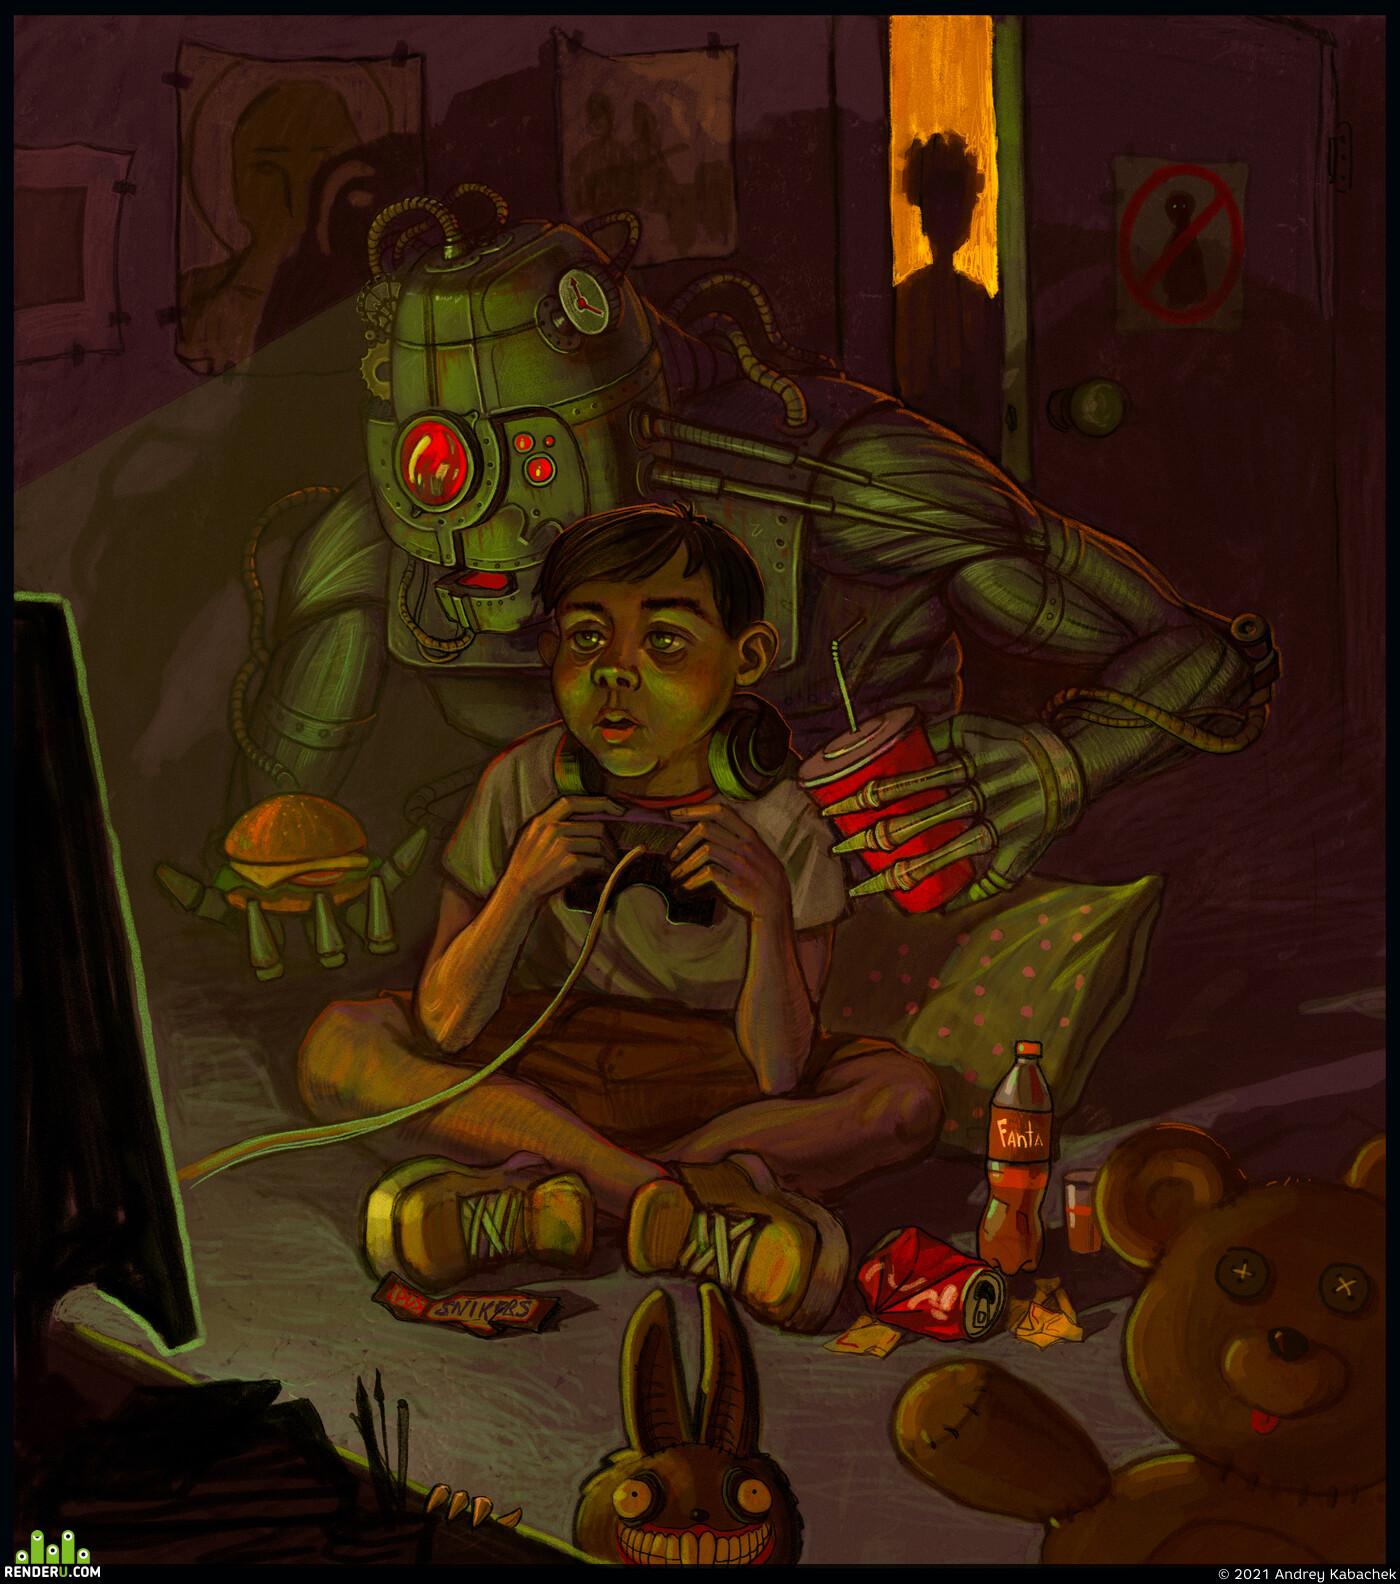 помощник, Роботы, Персонажи, иллюсрация